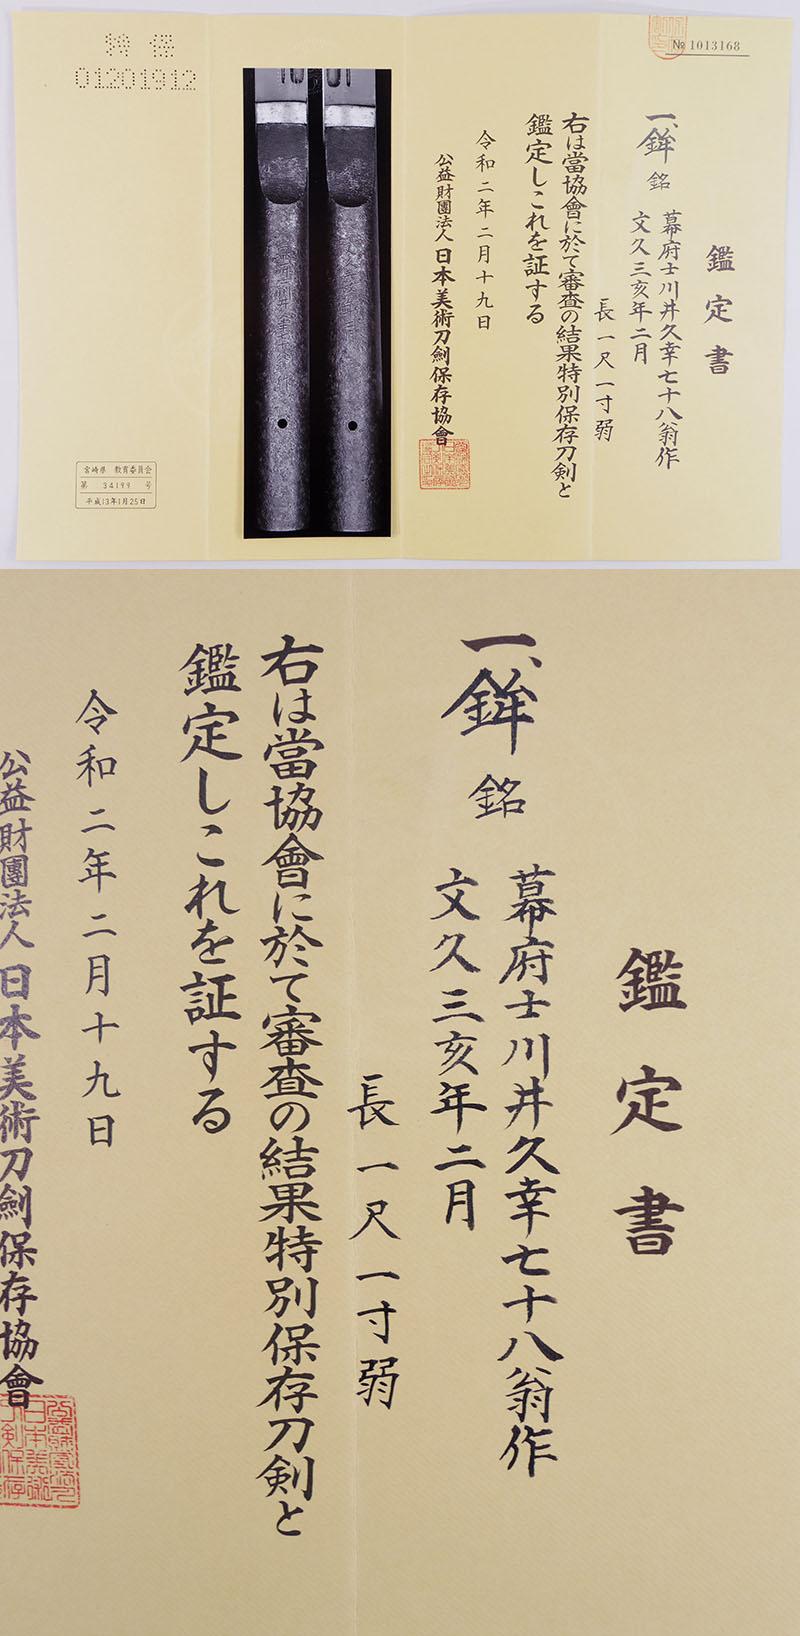 鉾 幕府士川井久幸七十八扇作 Picture of Certificate